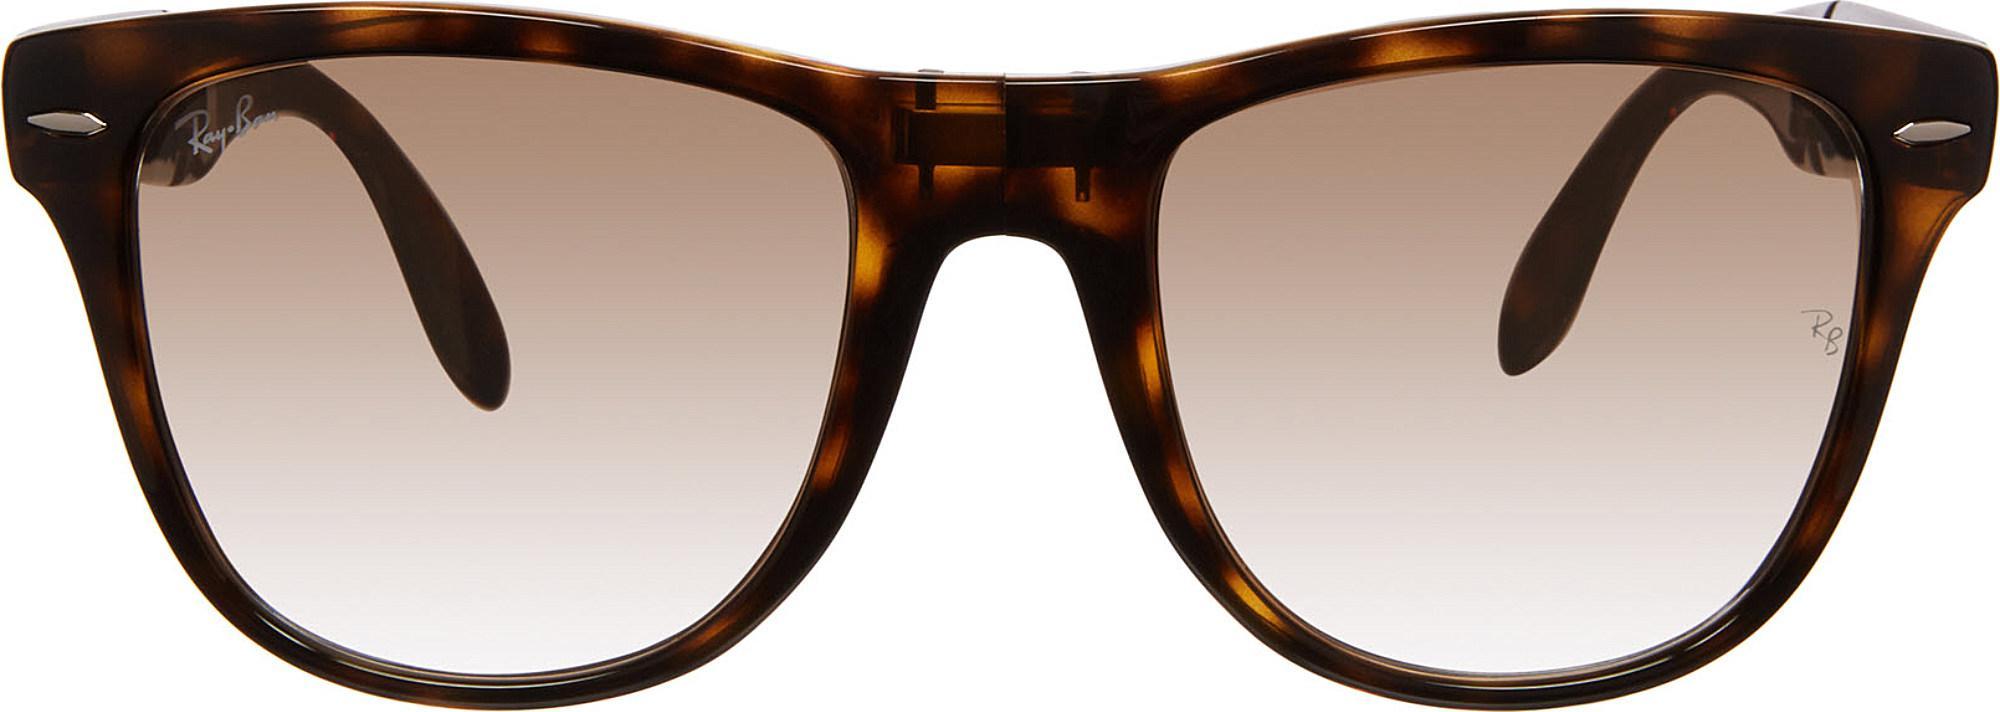 ac0772c4ca Lyst - Ray-Ban Wayfarer Folding Classic Square Sunglasses Rb4105 50 ...